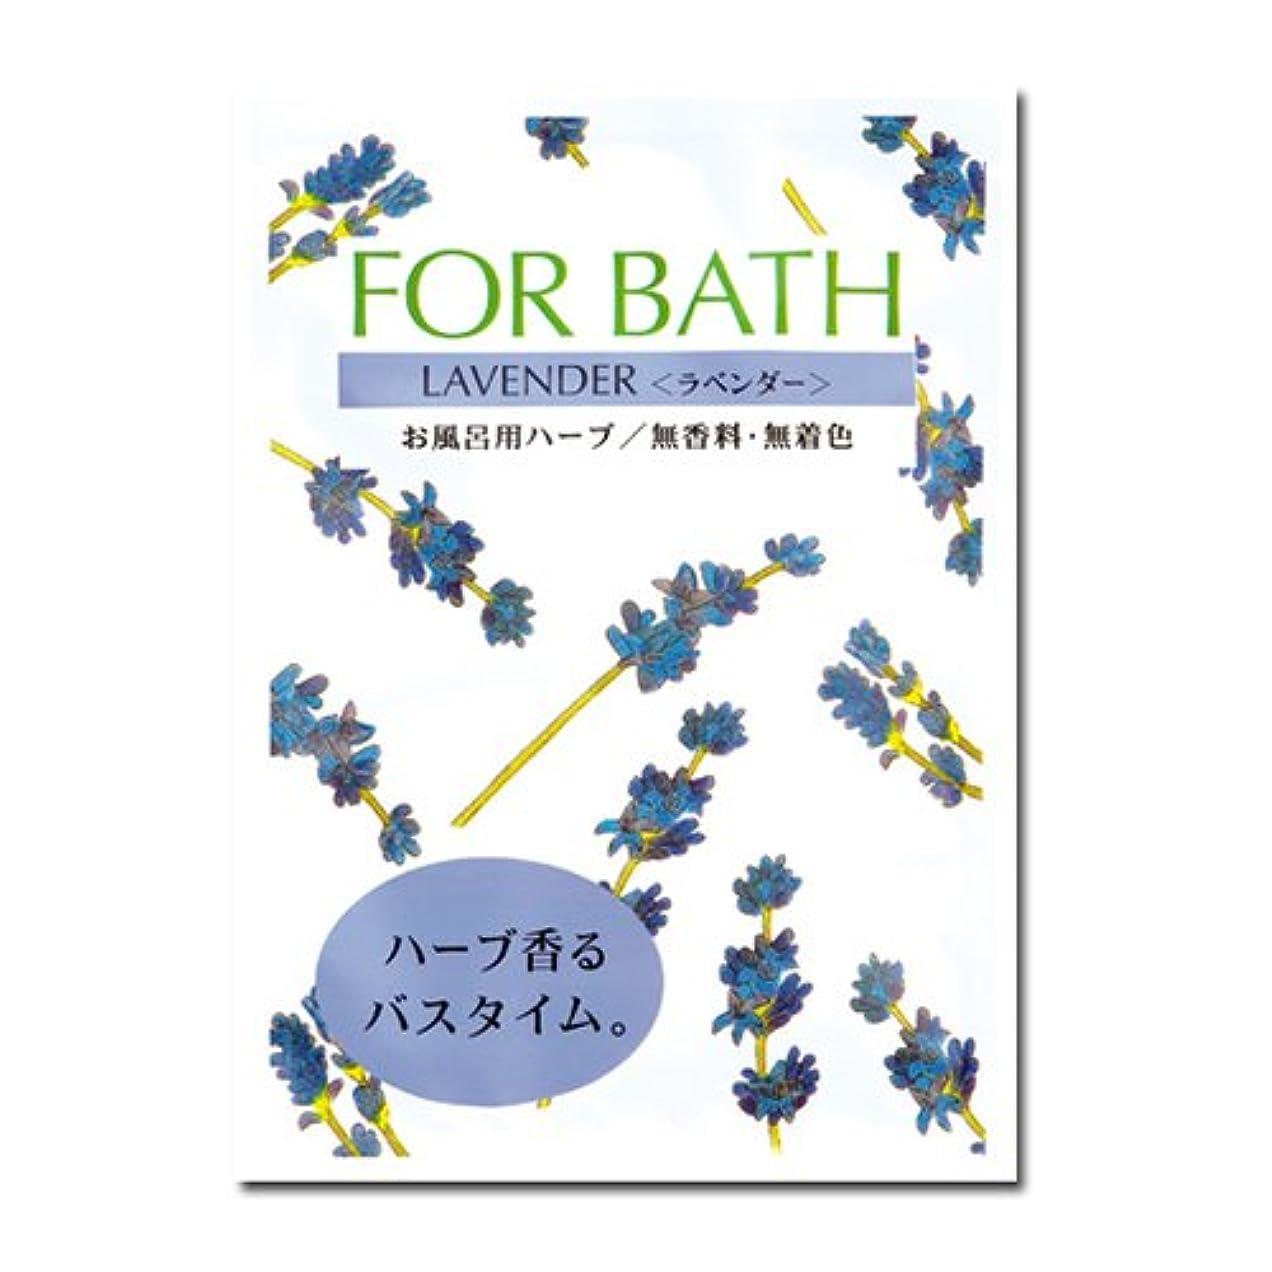 成果水与えるフォアバス ラベンダーx30袋[フォアバス/入浴剤/ハーブ]